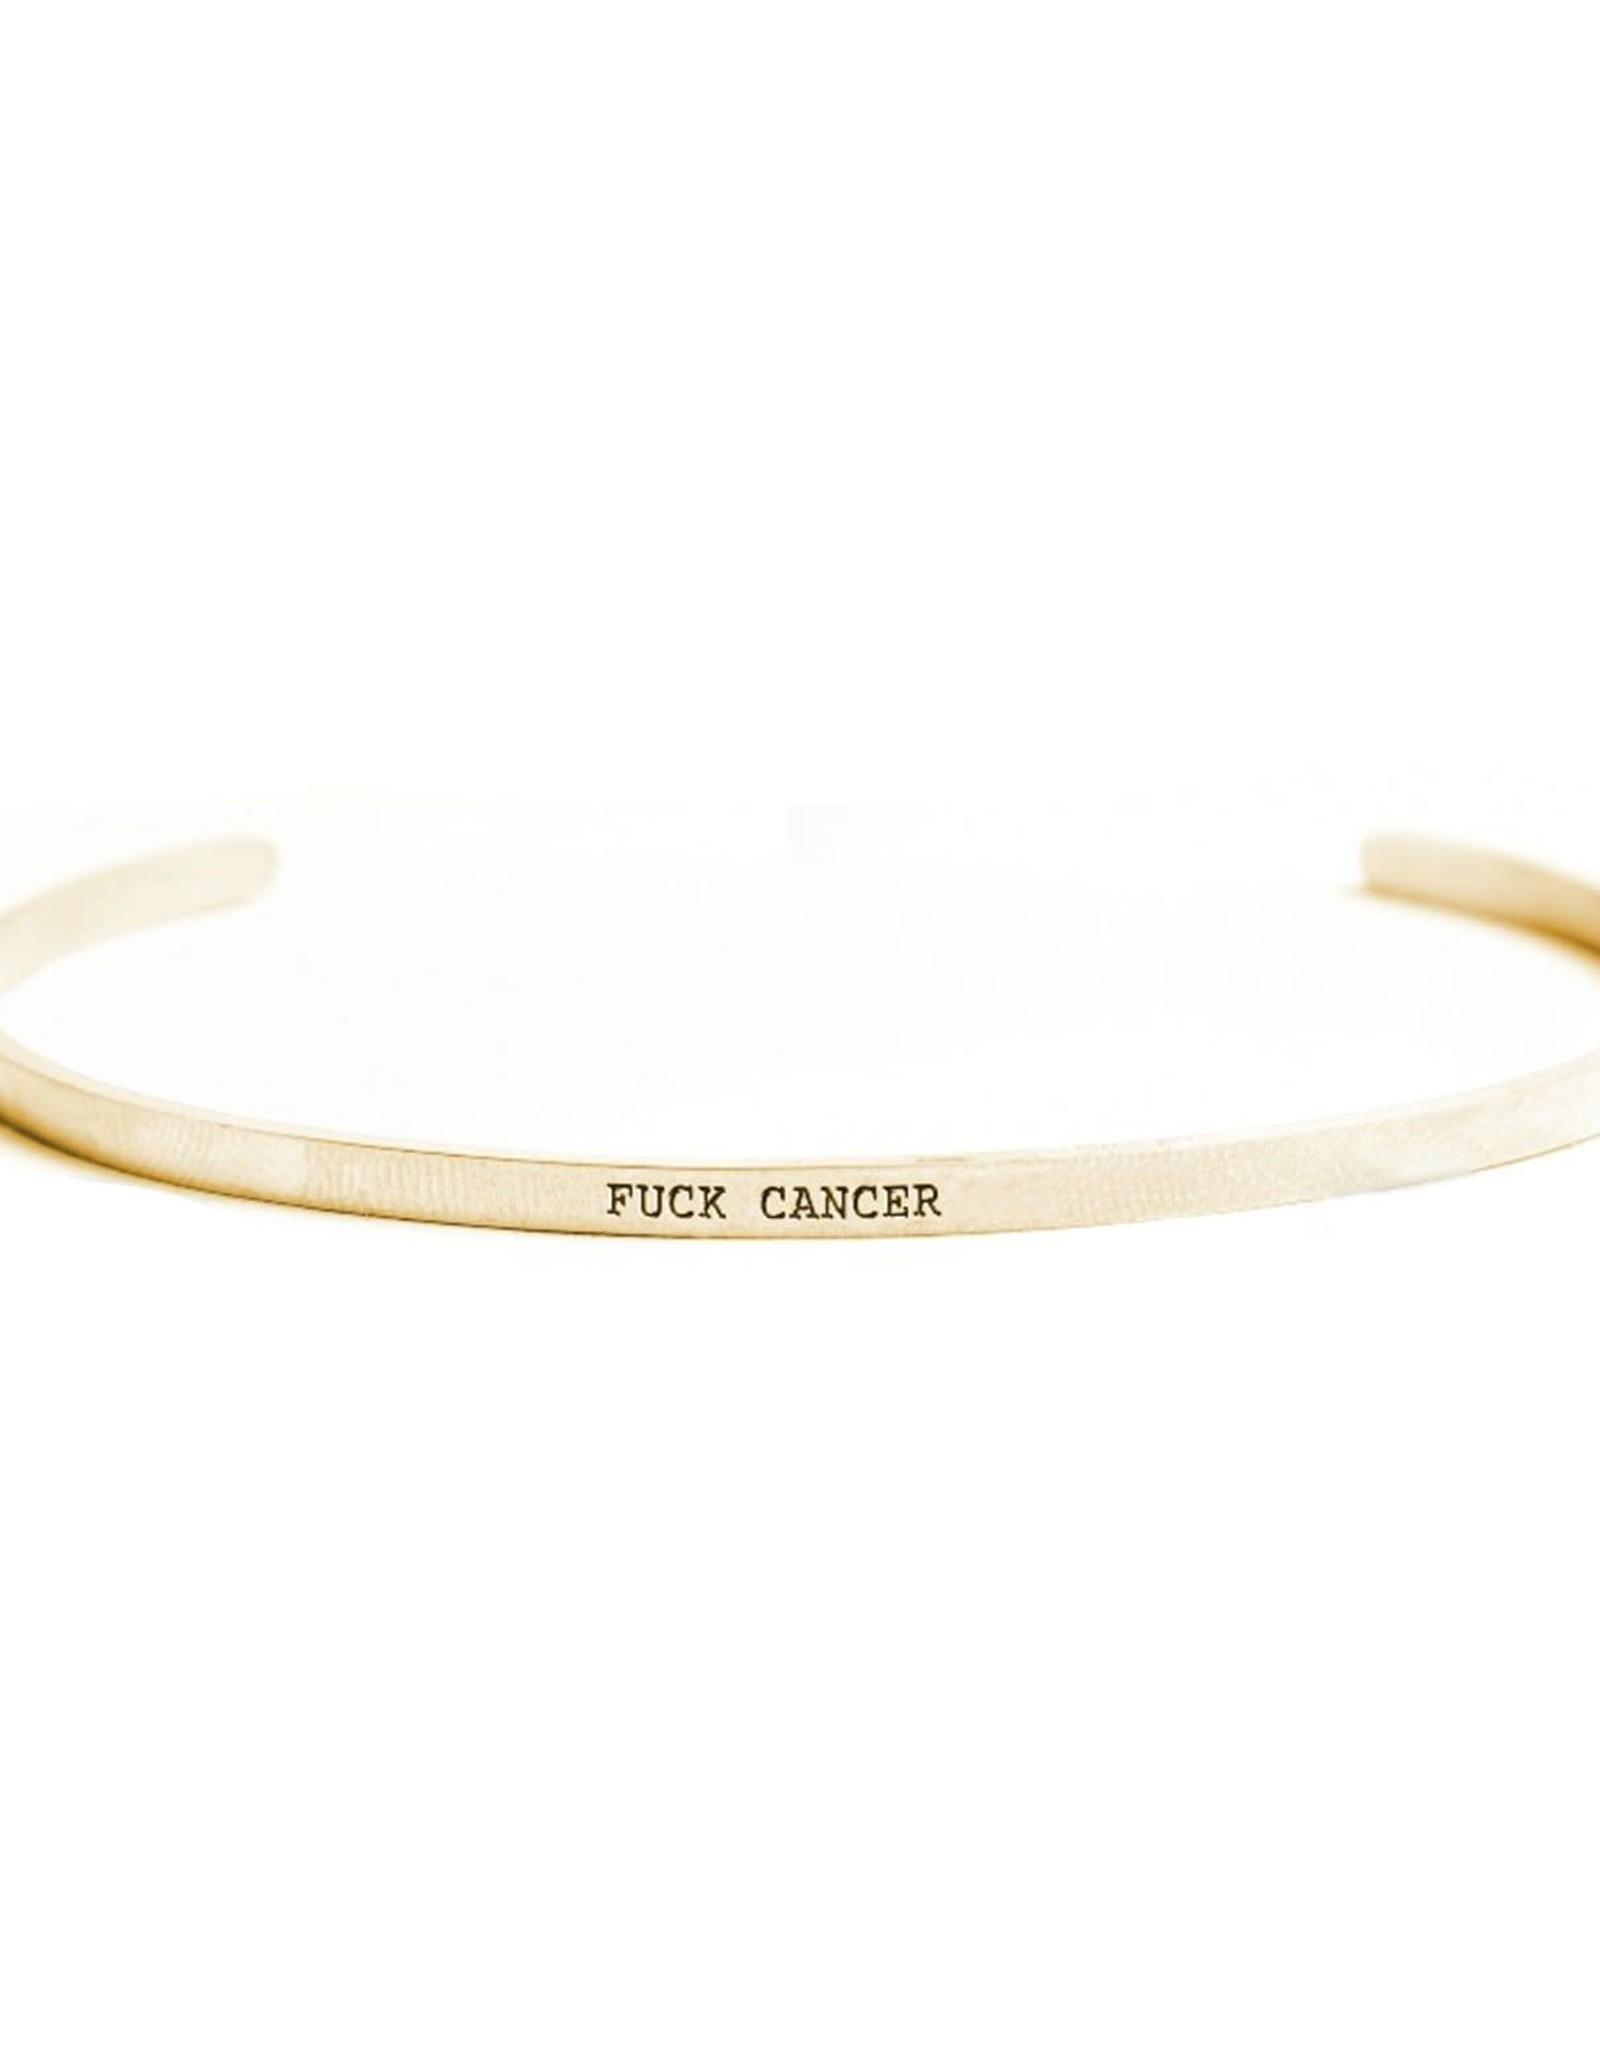 Bracelet - Fuck Cancer (14k Gold)